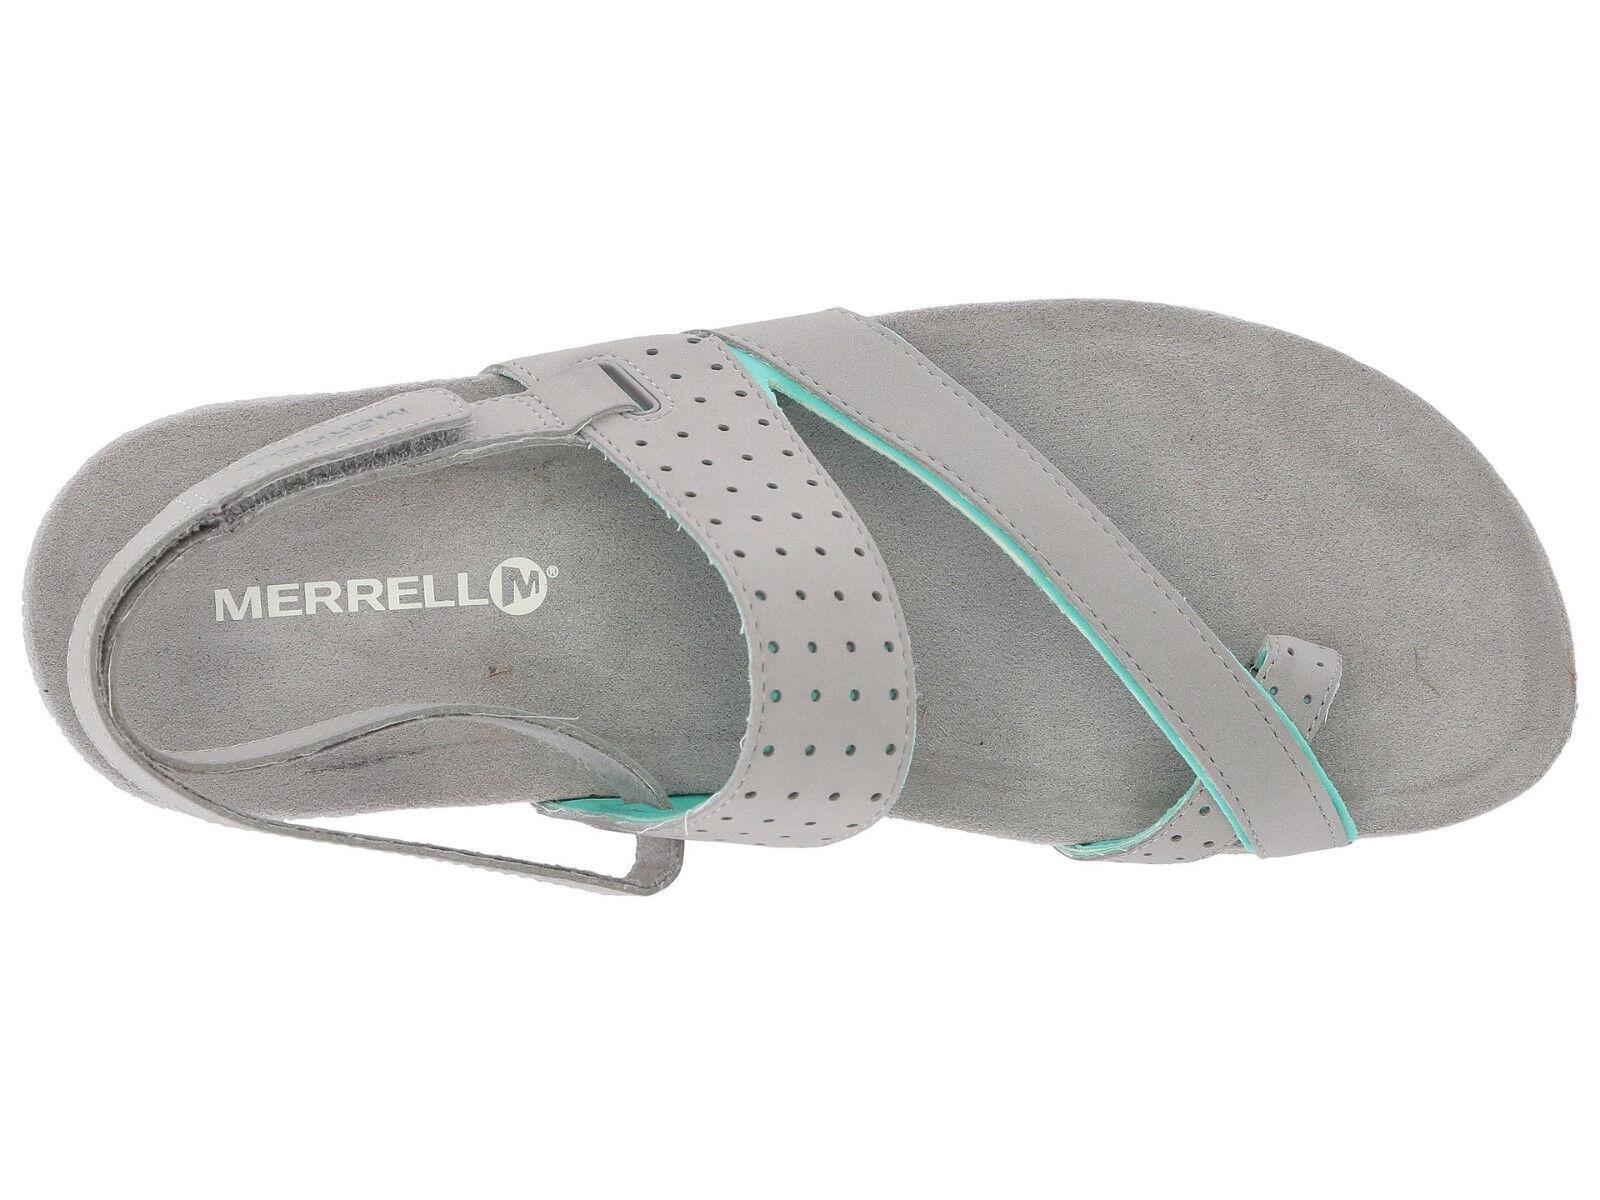 Merrell Terran mujer Terran Merrell Ari converdeir y Correa en el tobillo se Desliza Sandalias De Tiras Anillo del dedo del pie d1c8da